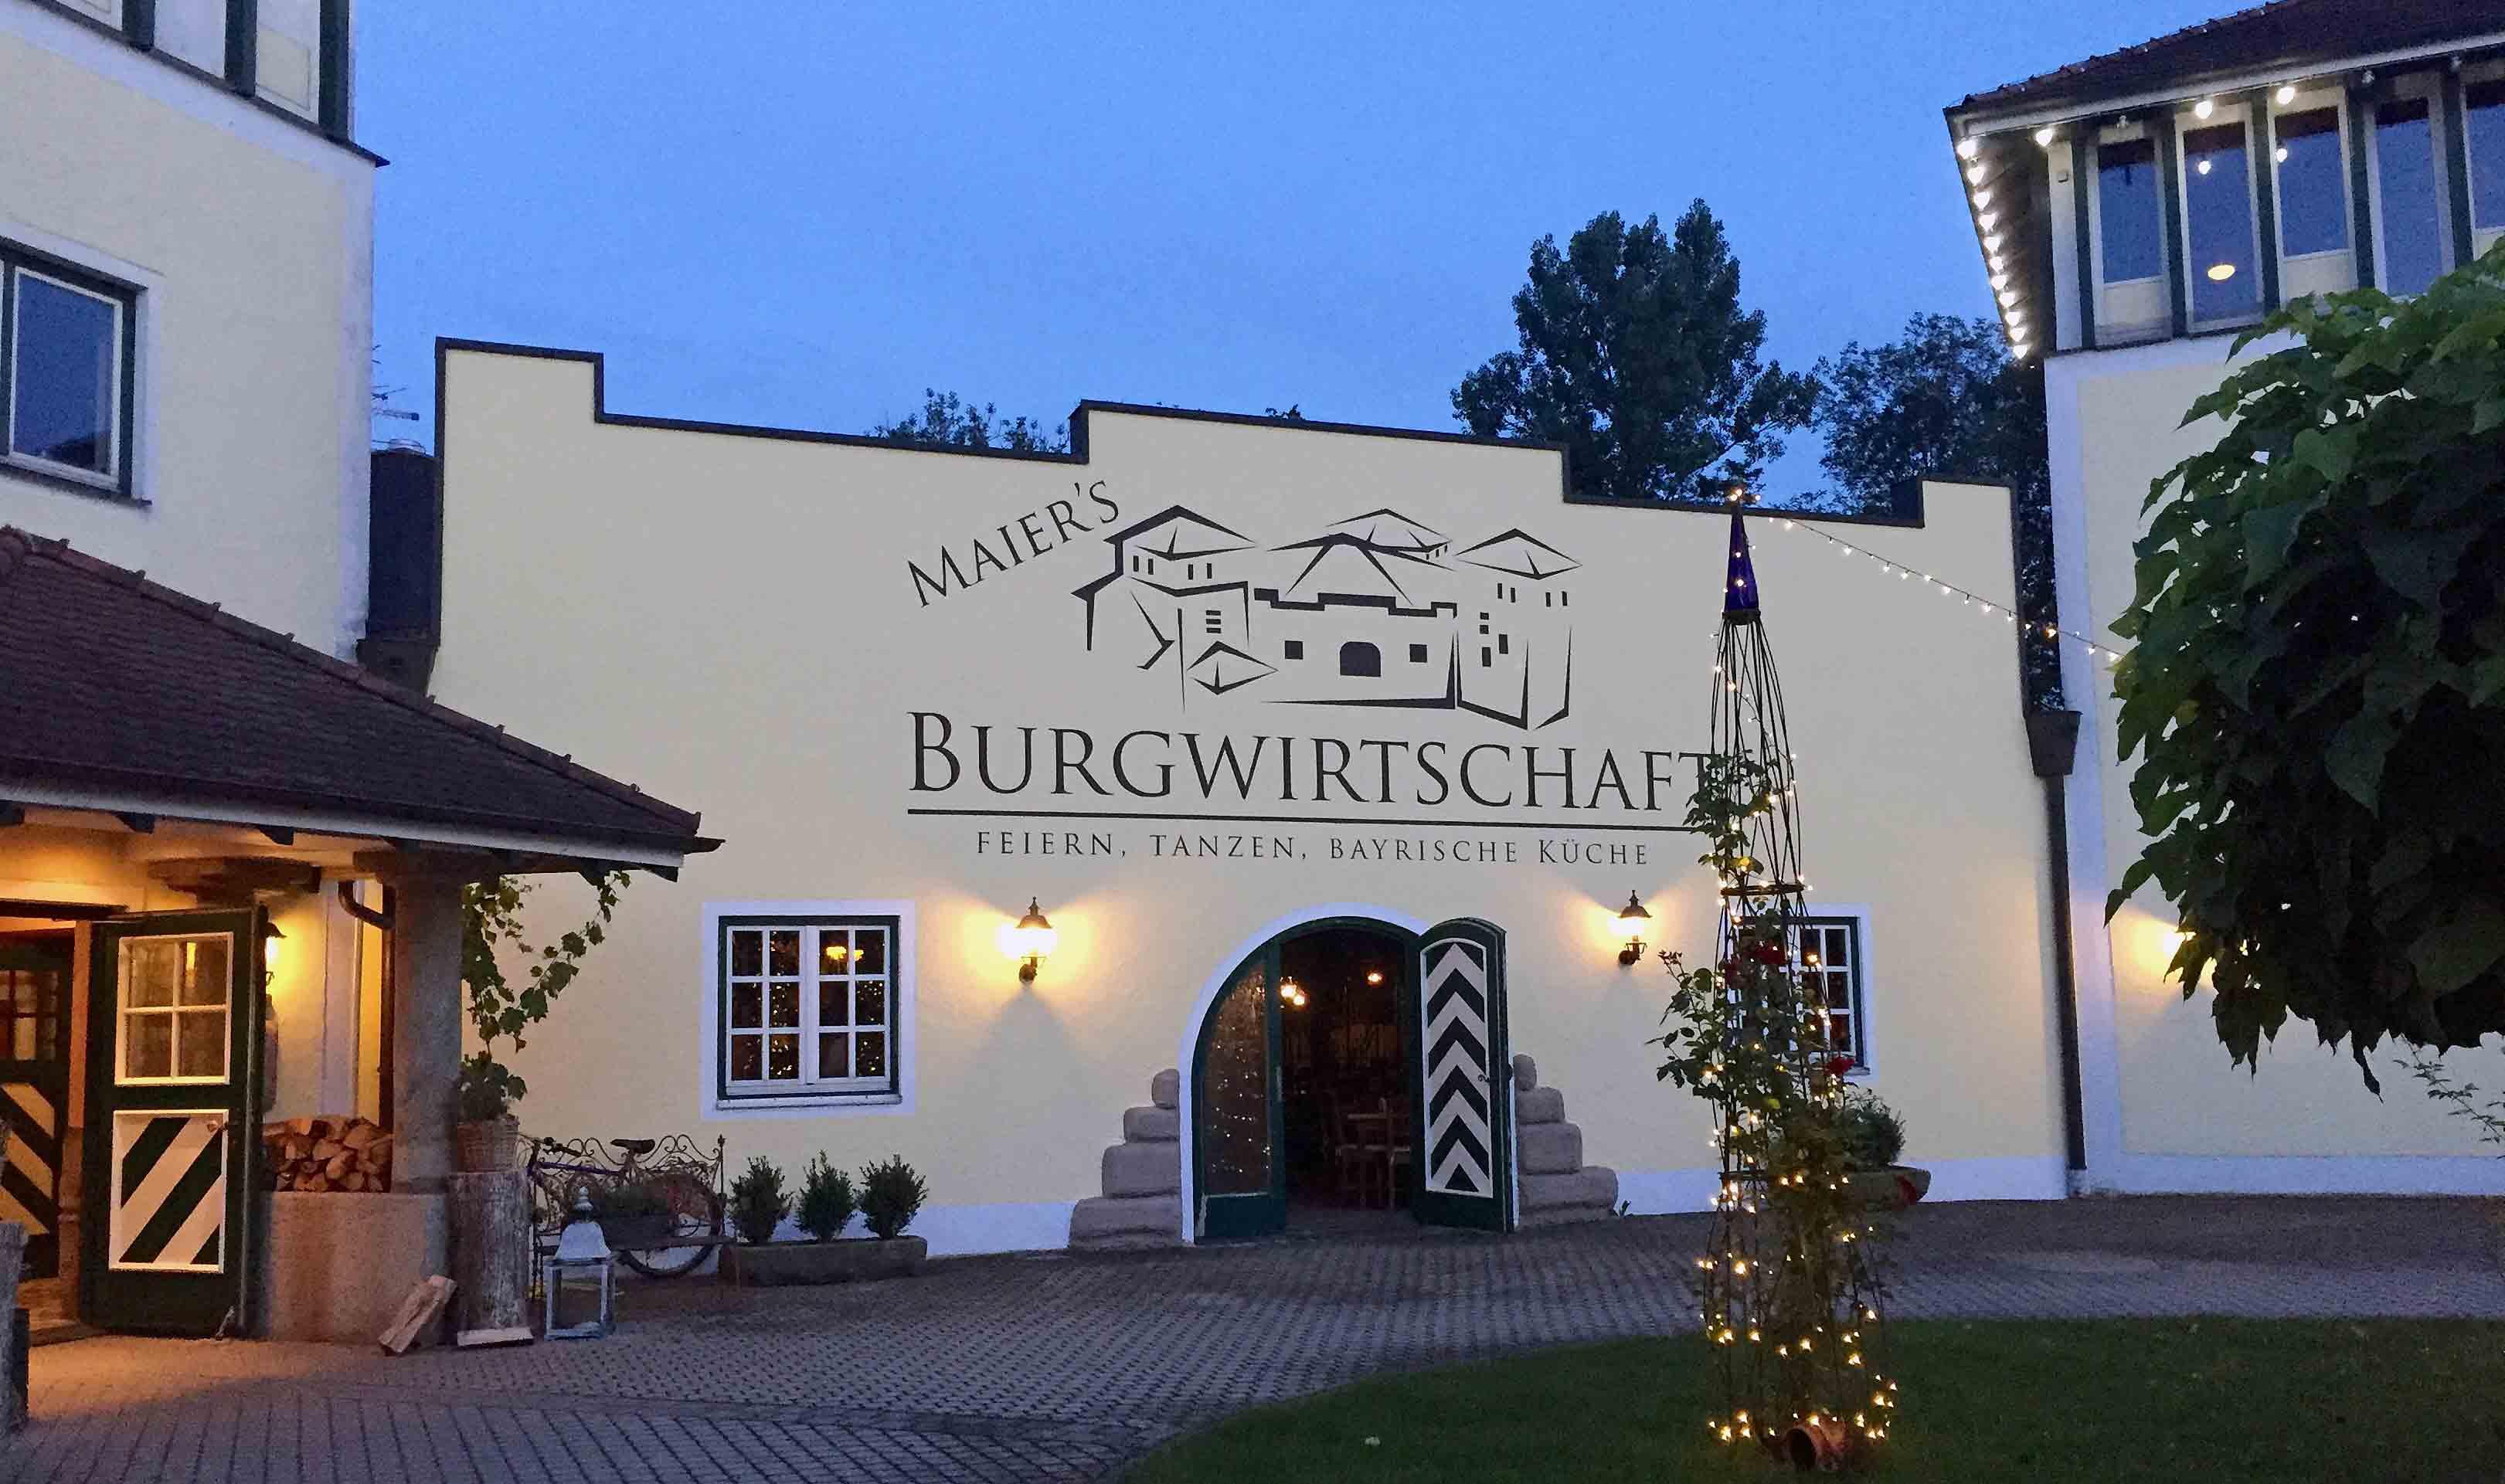 Ihr Erlebniswirtshaus in Bad Füssing - BURGWIRTSCHAFT